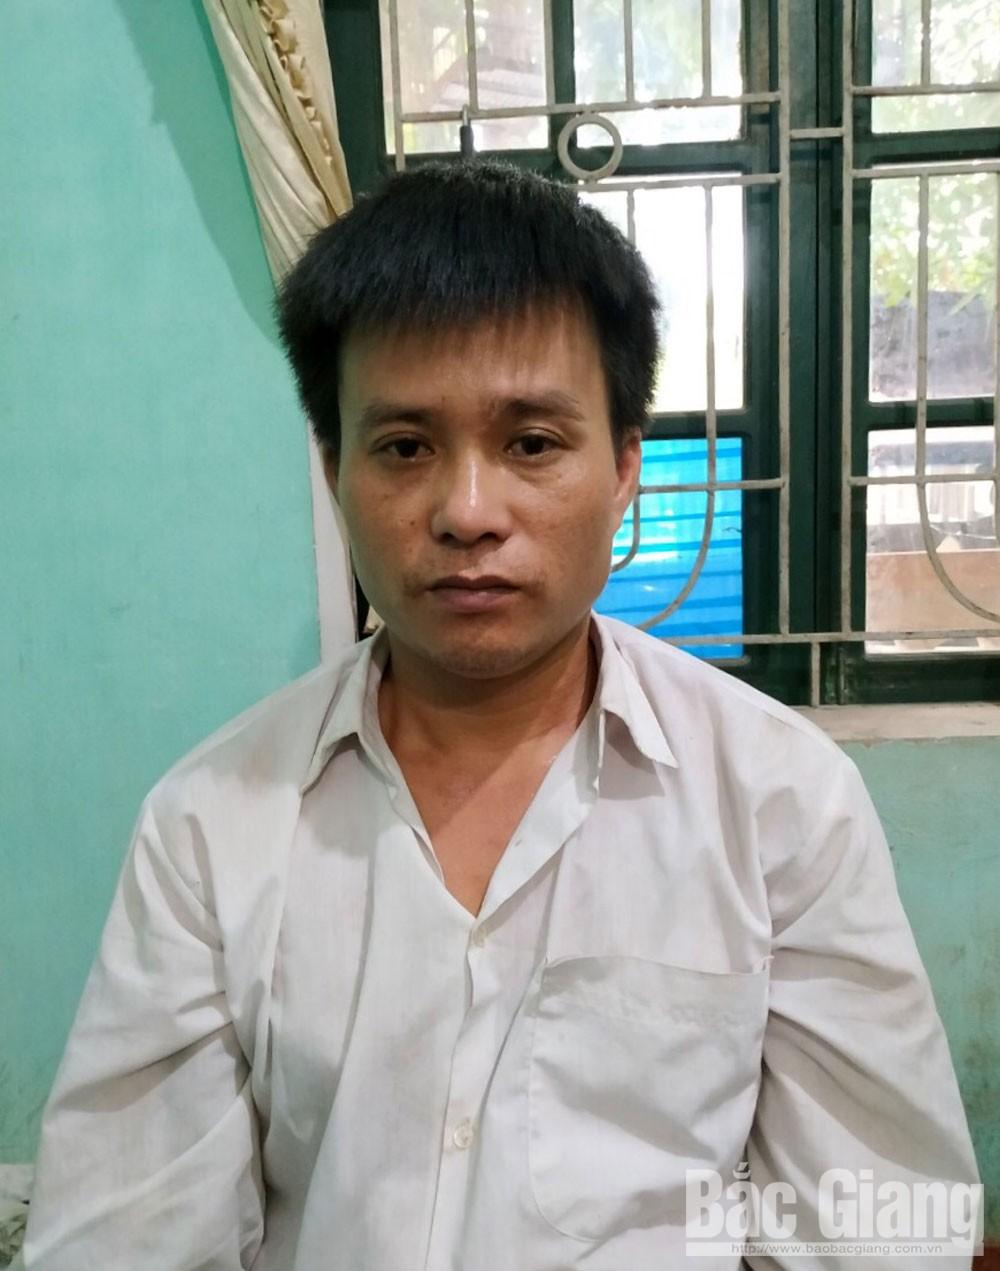 Nguyễn Văn Khánh, Lục Ngạn, công an, ma túy, Bắc Giang, mua bán người, trộm cắp.